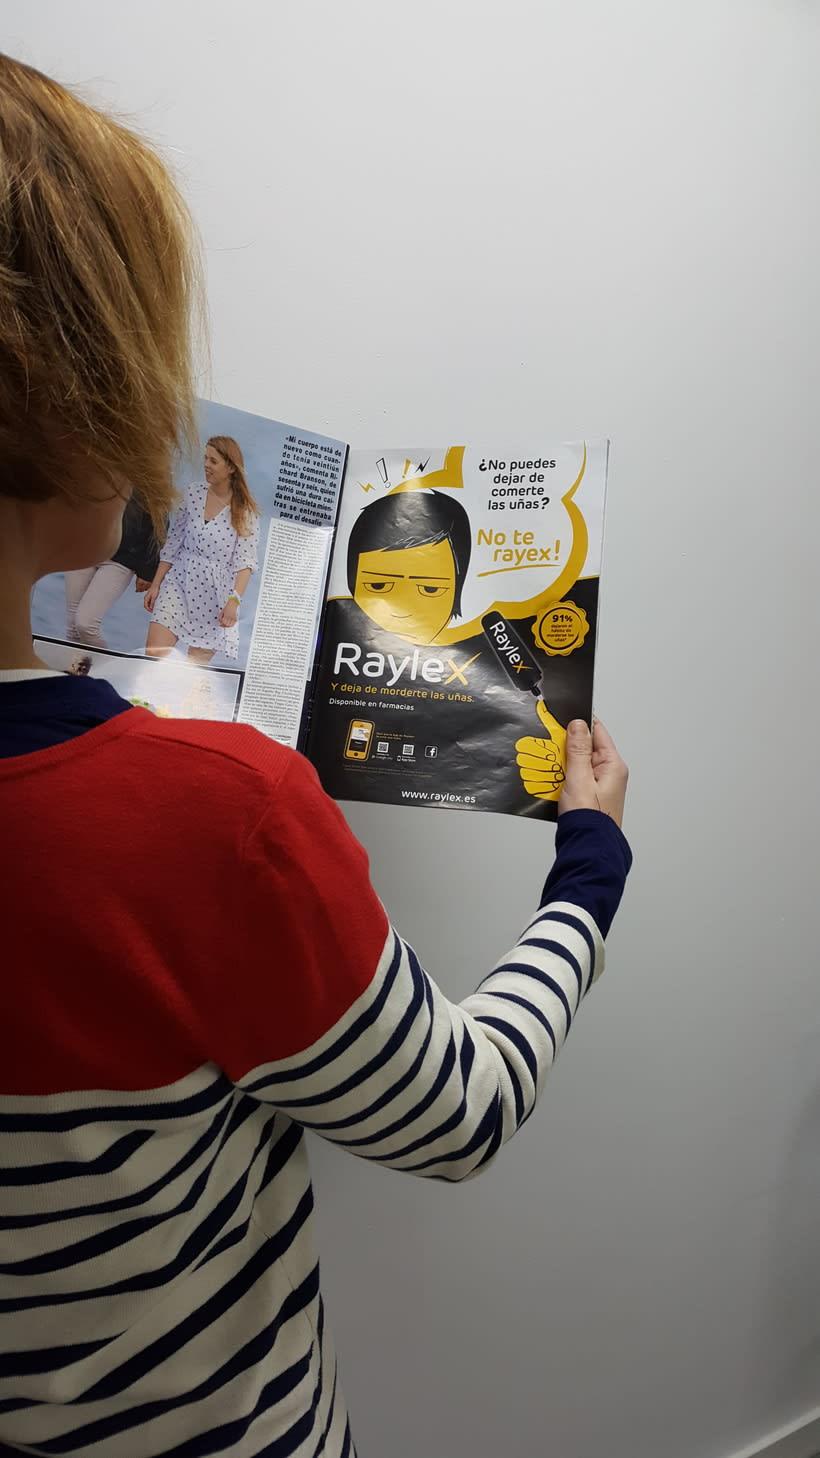 Book-Diseño Gráfico Creativo & Dirección de Arte editorial y publicitaria 123